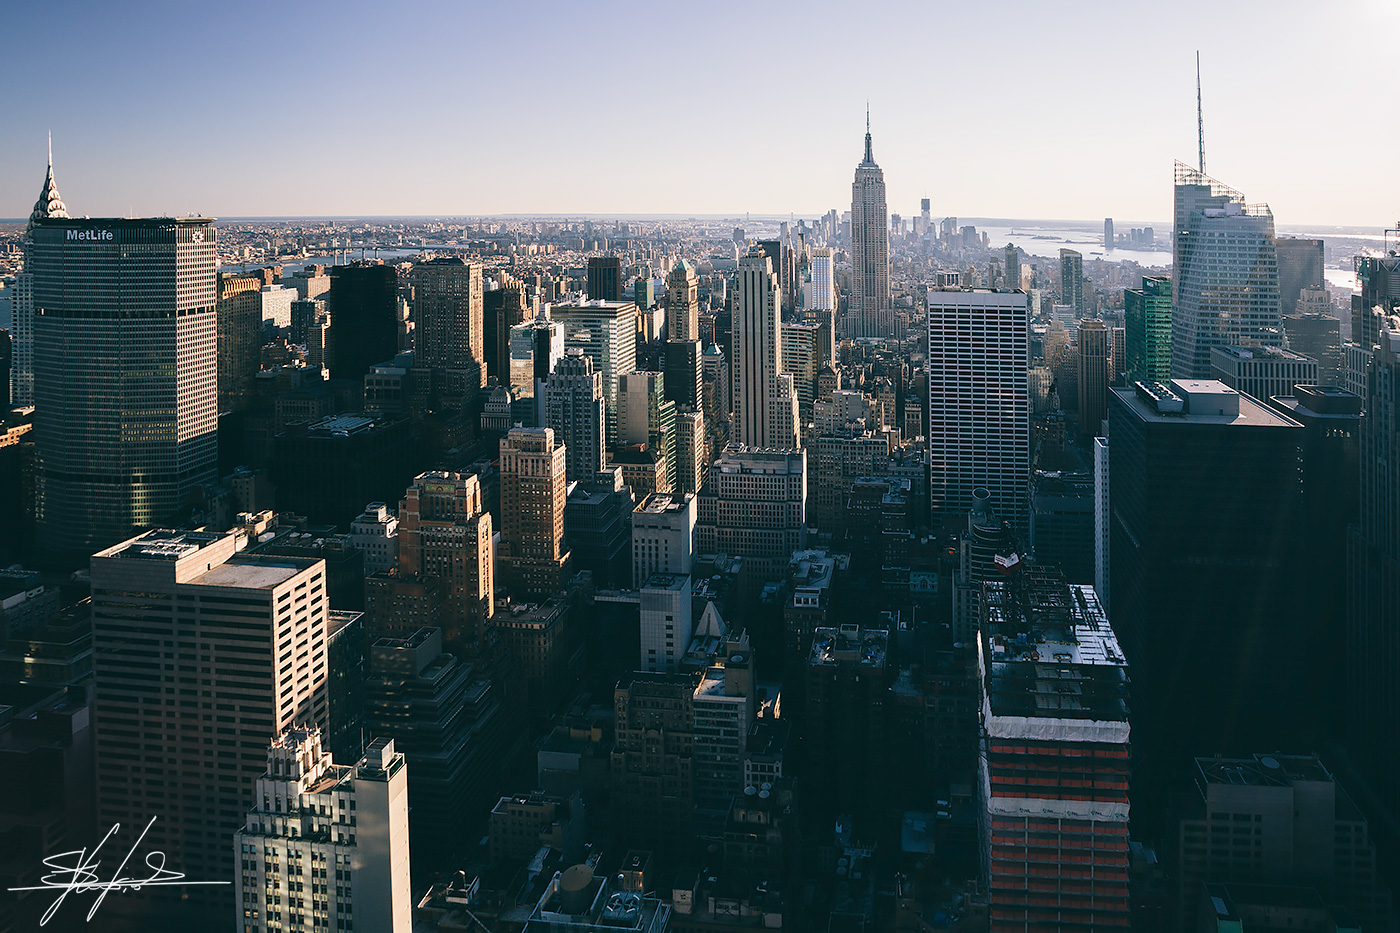 Vertigo - New York City